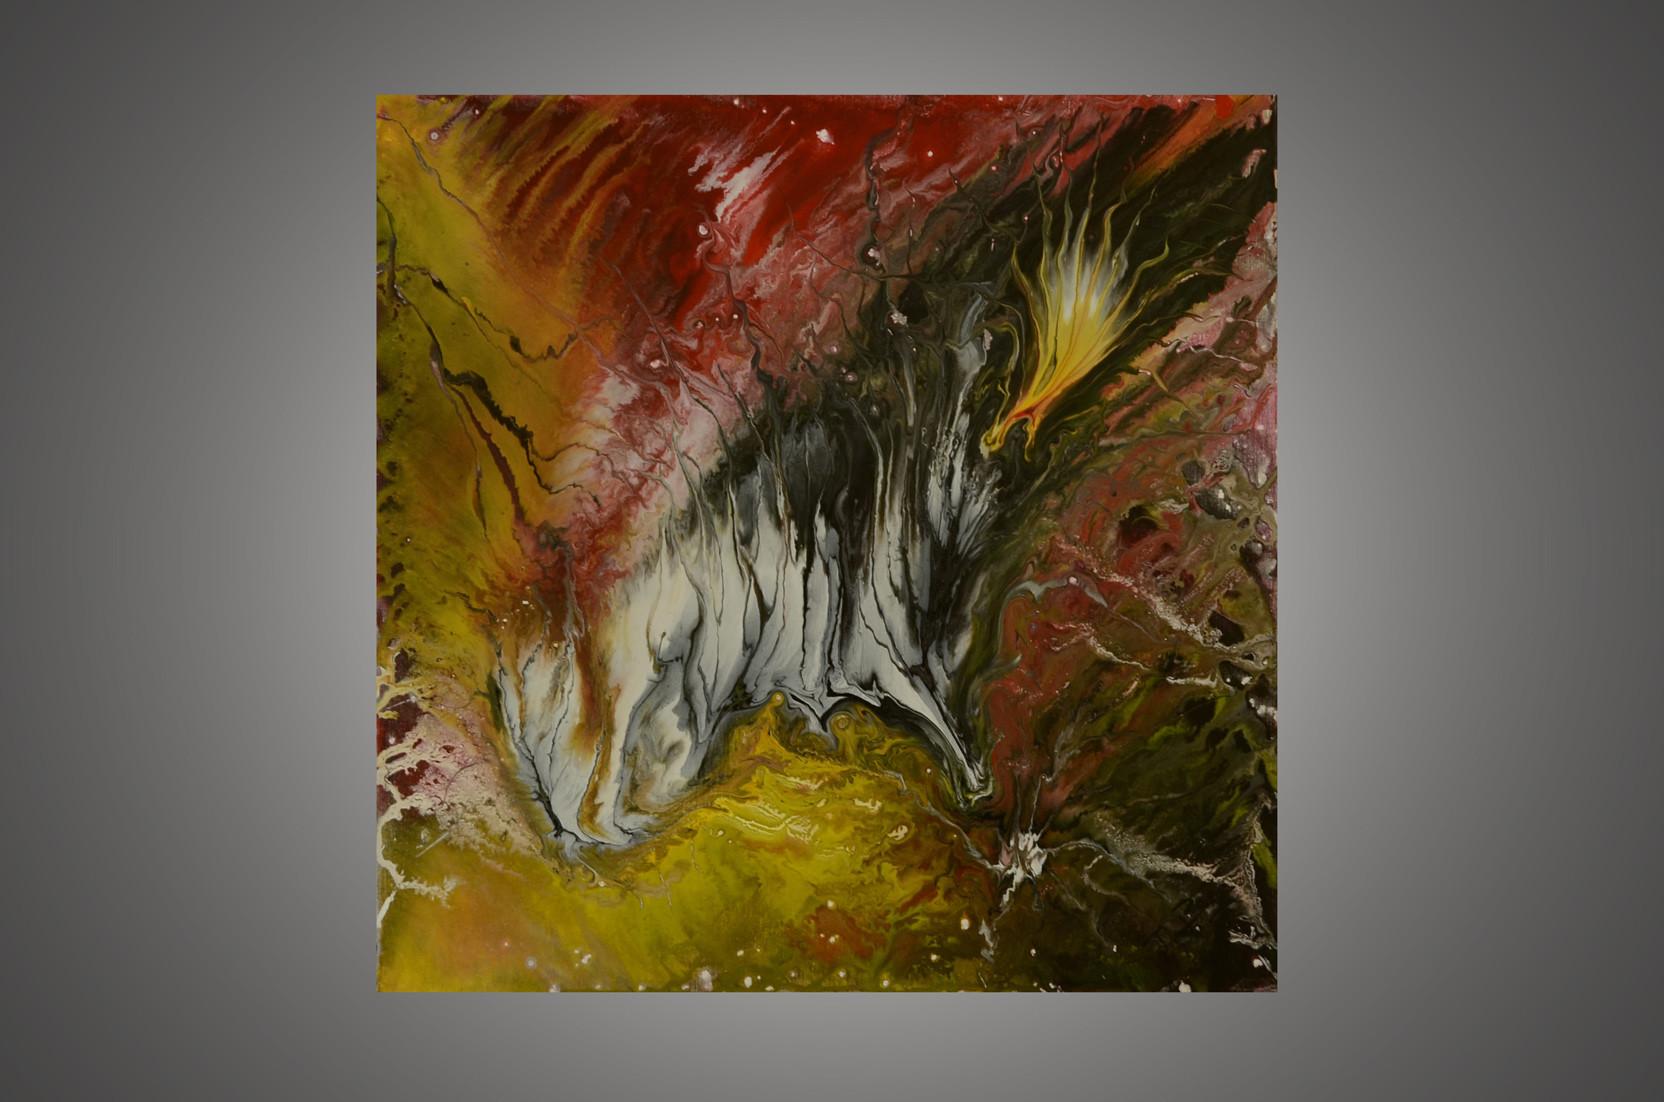 Peinture tableau abstrait la peinture acrylique fluide style art d co envolade for Photo de tableau abstrait